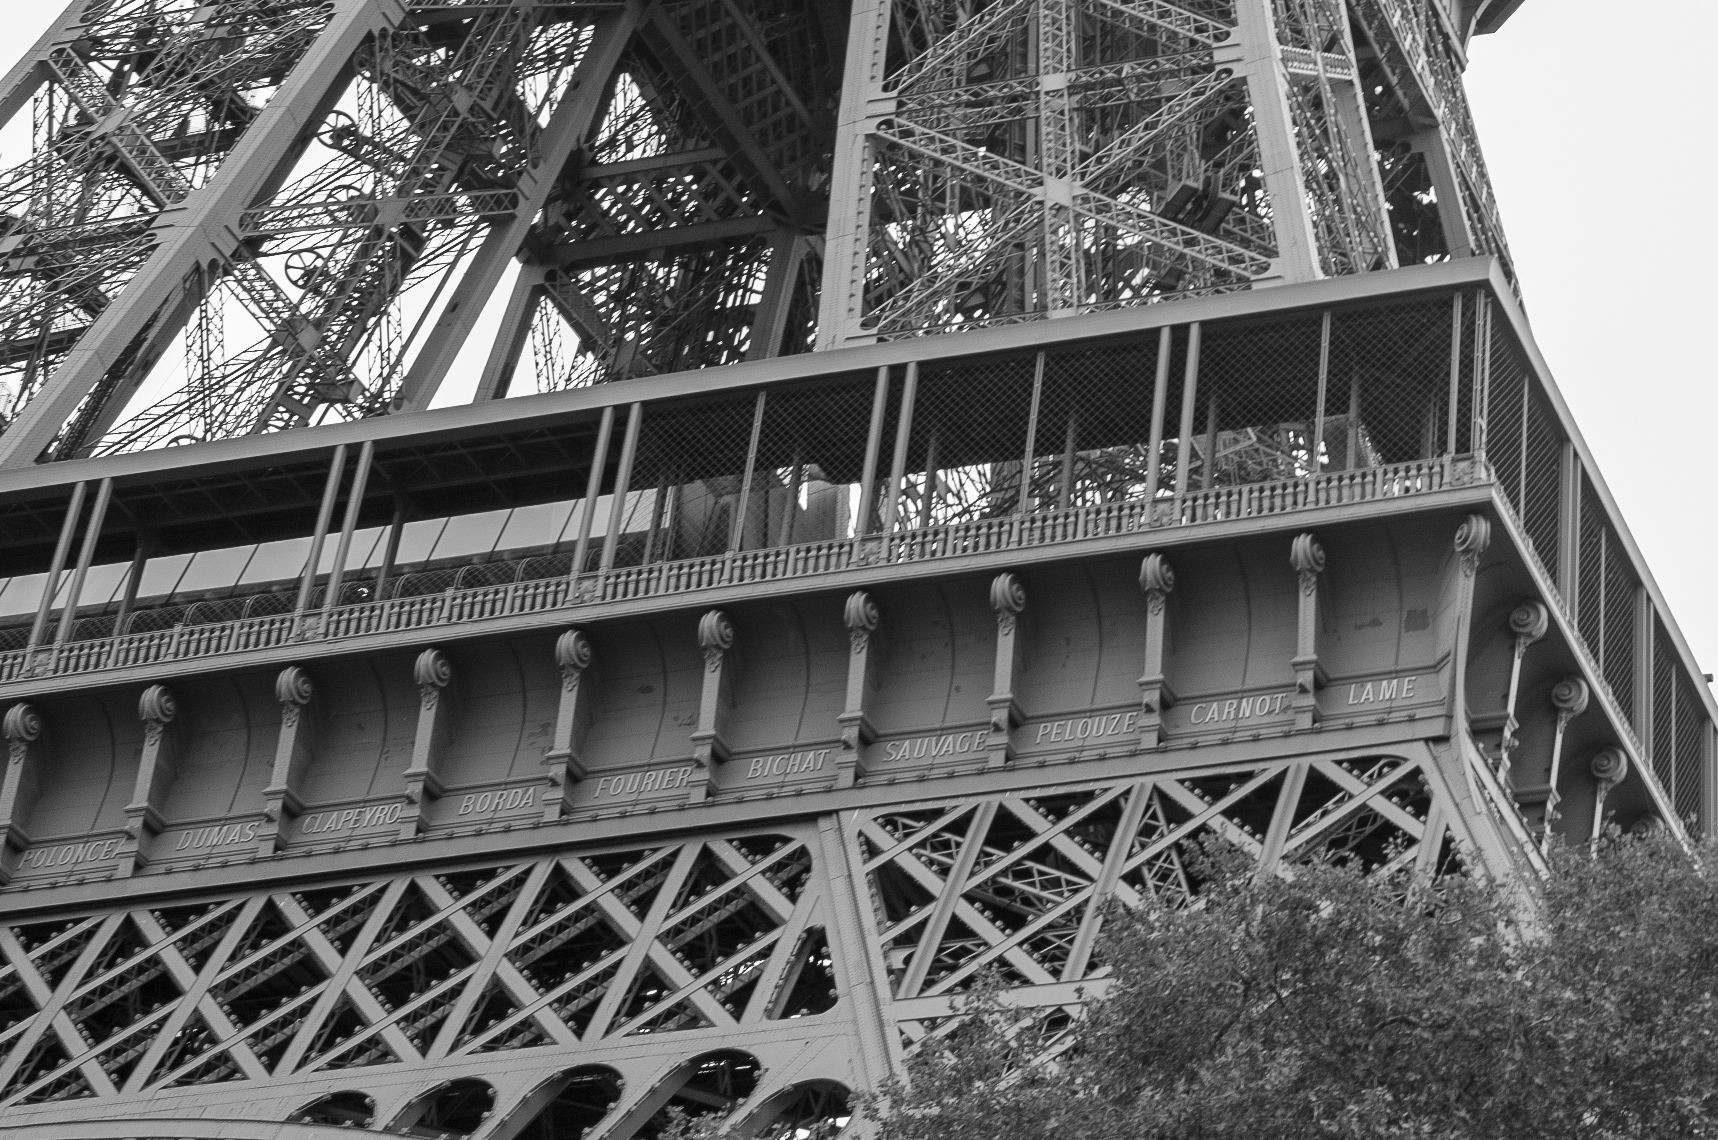 Detailausschnitt des Eiffelturms